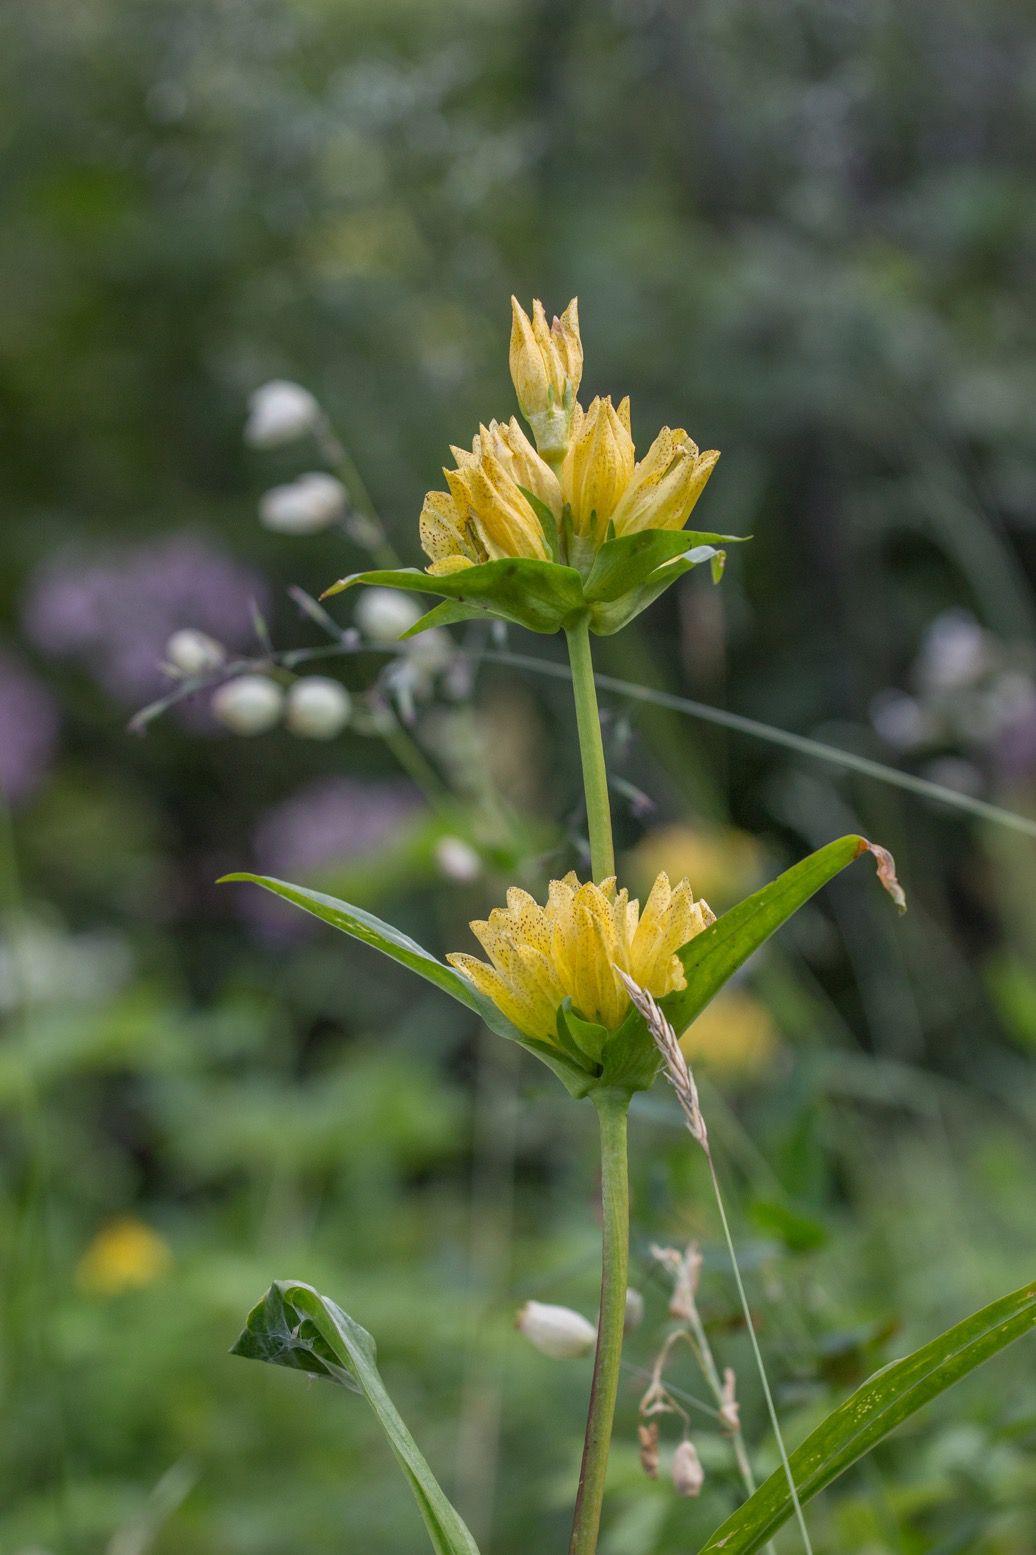 Observation d'animaux (ici une biche), fleurs de juillet (gentiane jaune, épilobe), récoltes de fruits d'été (framboises, myrtilles bientôt) et immersion.